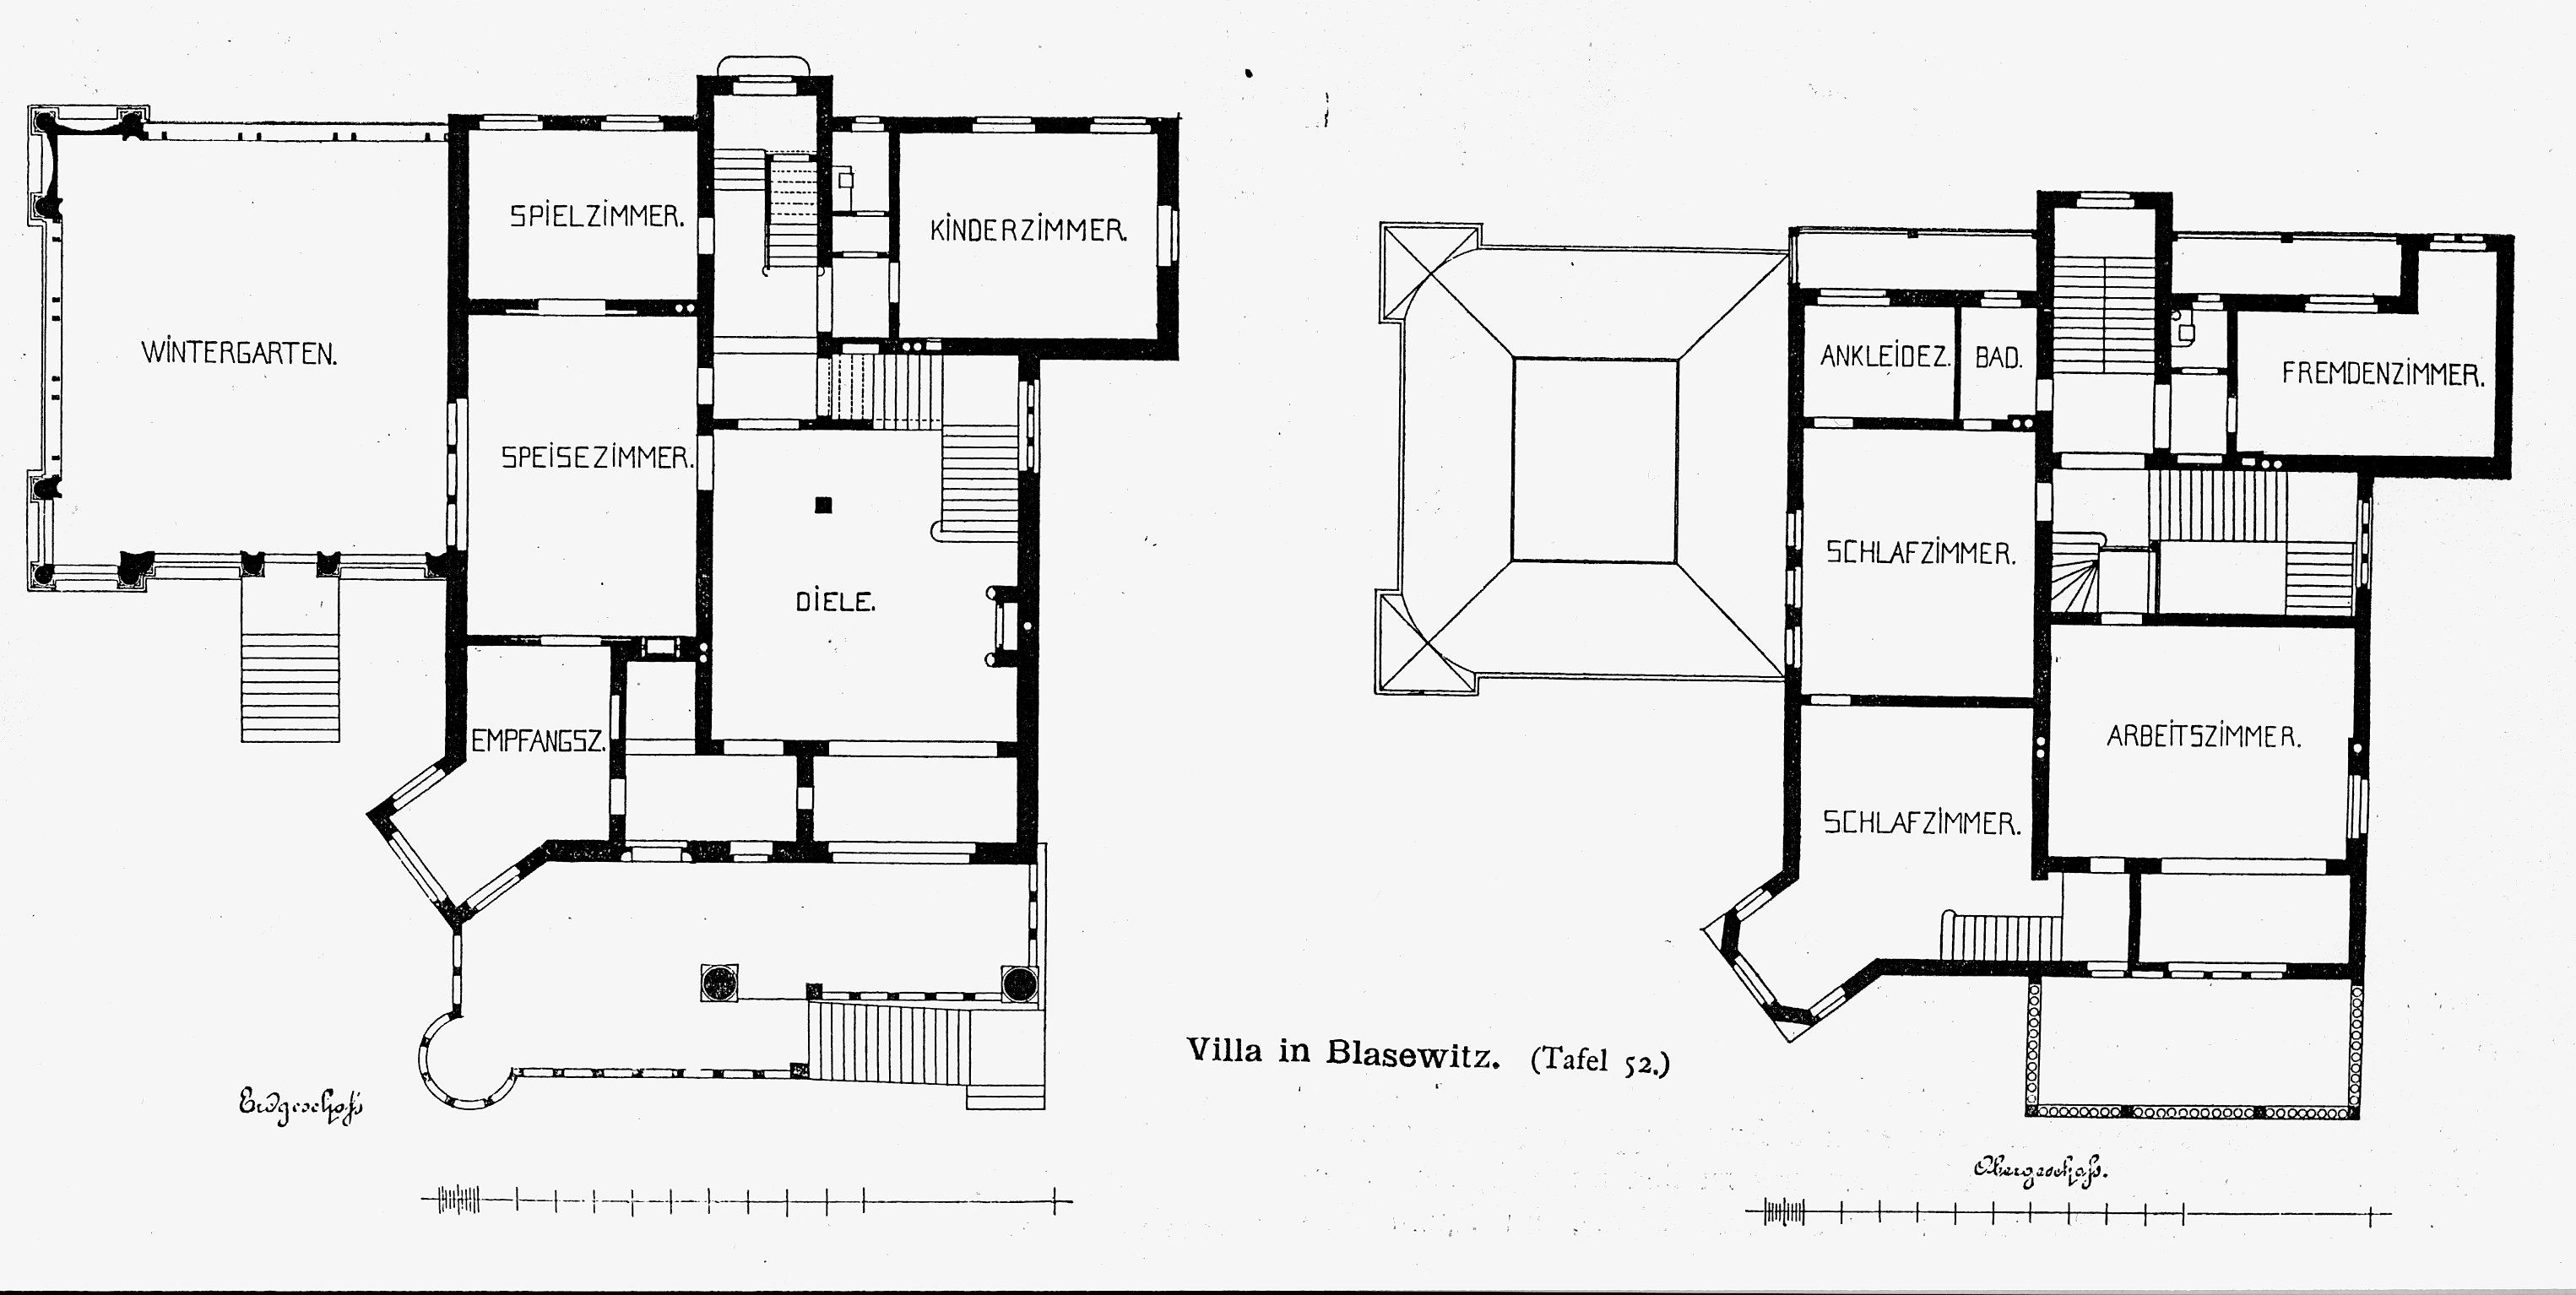 file villa muttersegen in blasewitz bei dresden architekt schilling graebner dresden tafel. Black Bedroom Furniture Sets. Home Design Ideas